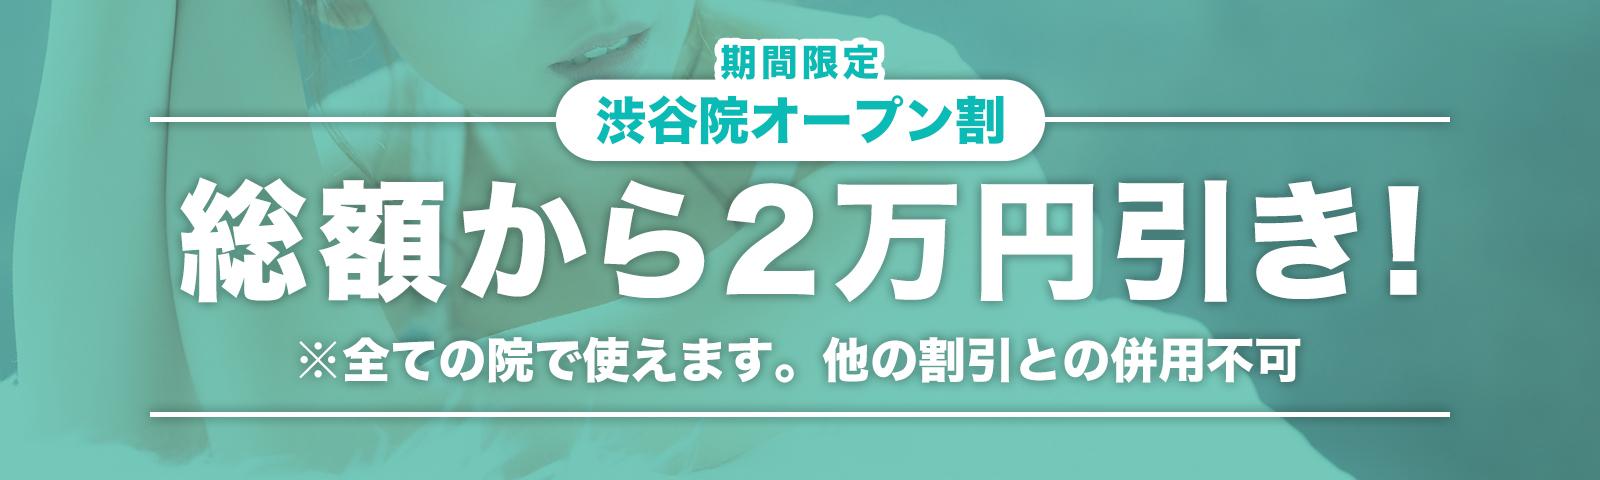 8月18日渋谷OPEN